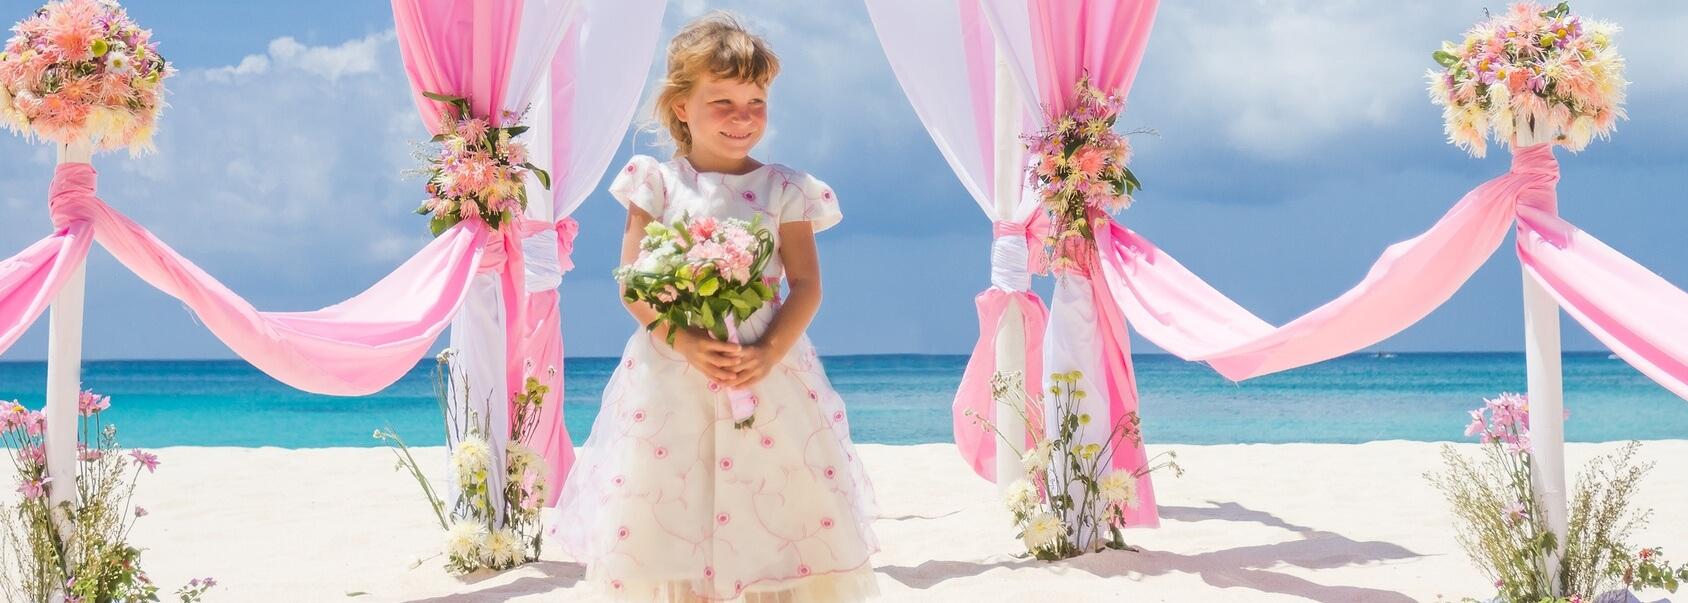 La licenza matrimoniale per il matrimonio alle Bahamas